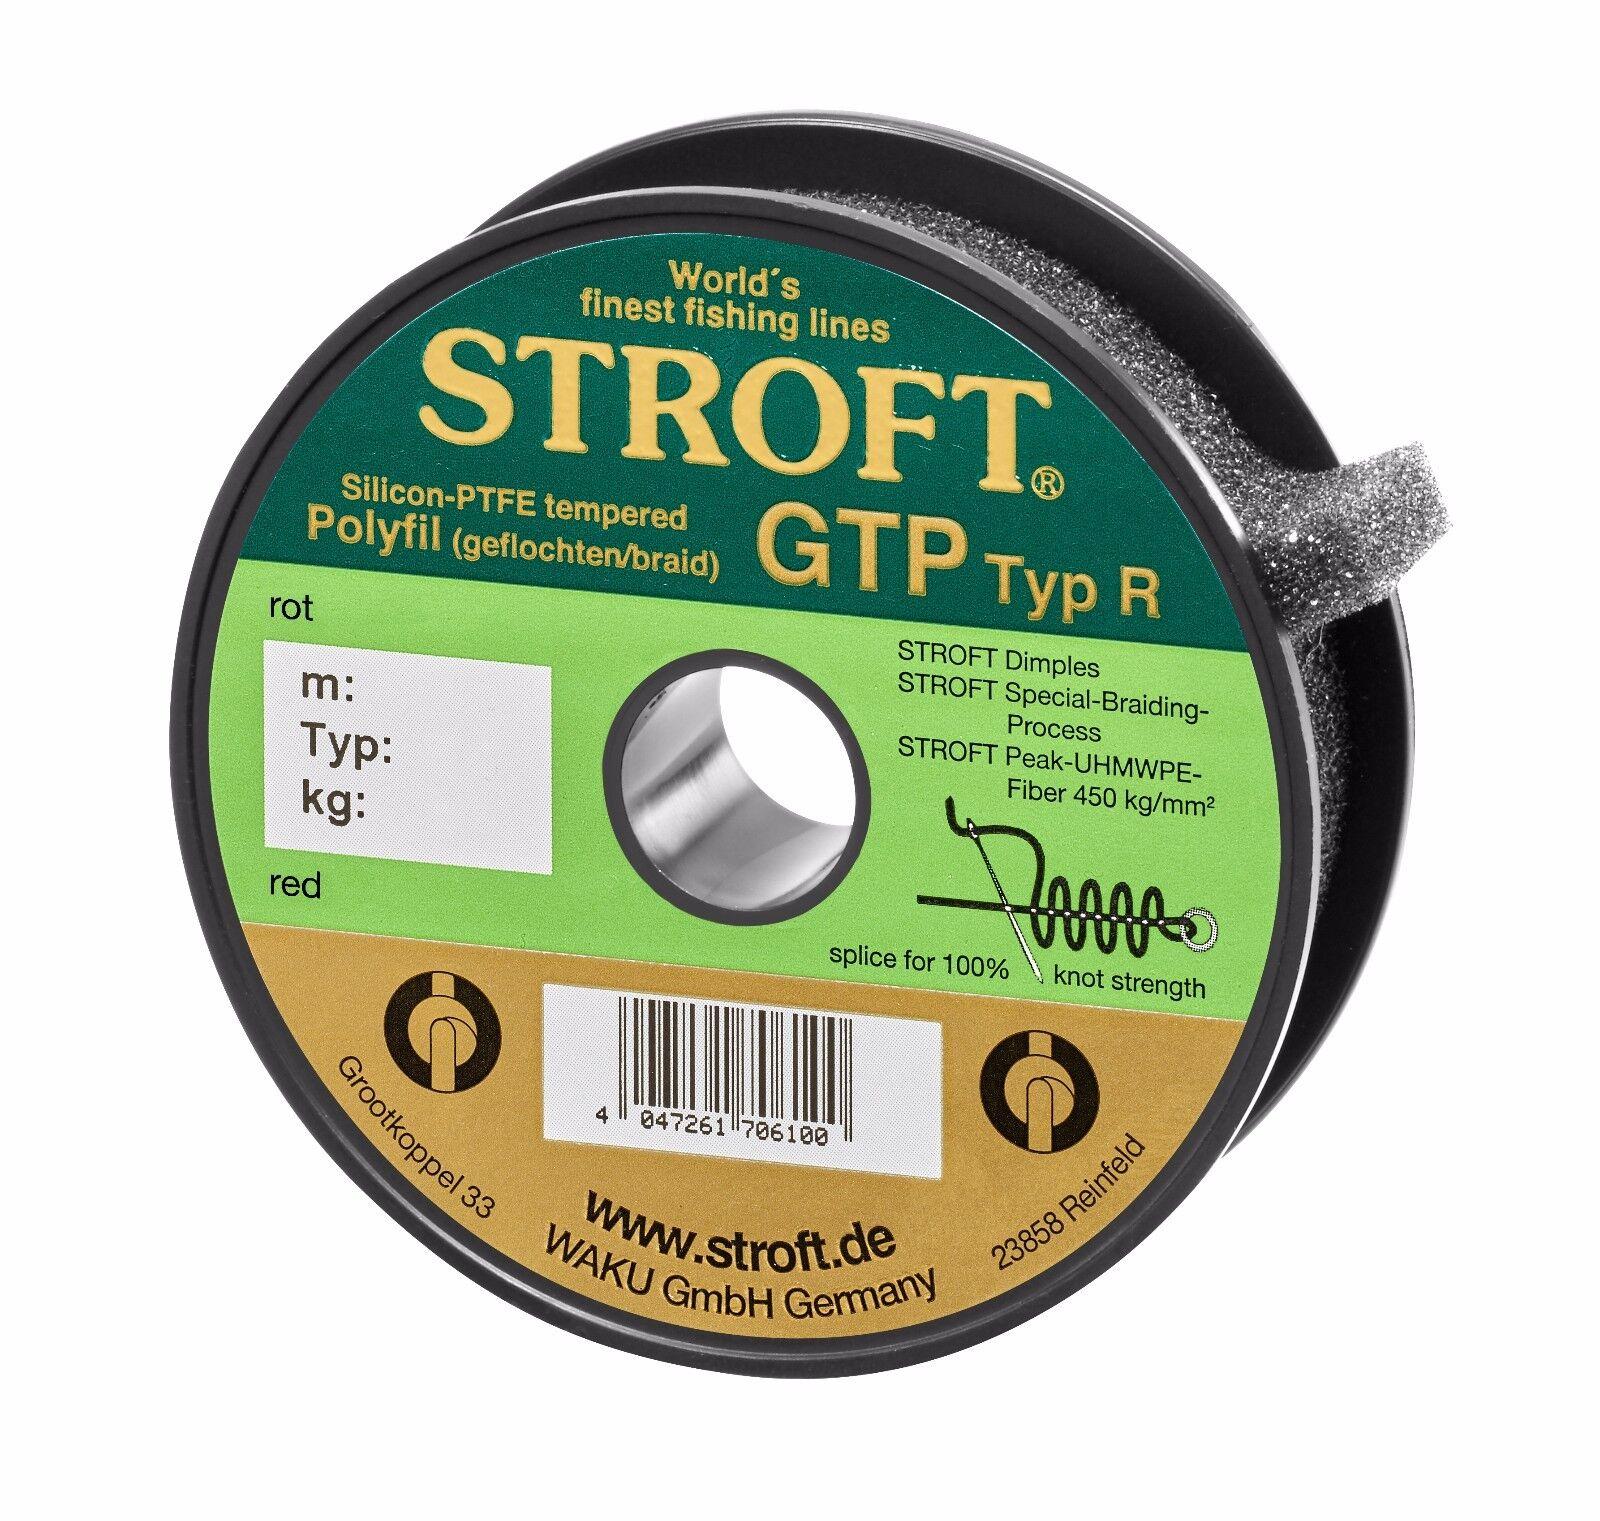 Angelschnur STROFT GTP Typ R Rot 100m 250m 250m 250m 500m 1000m Geflochtene Schnur bed3e6